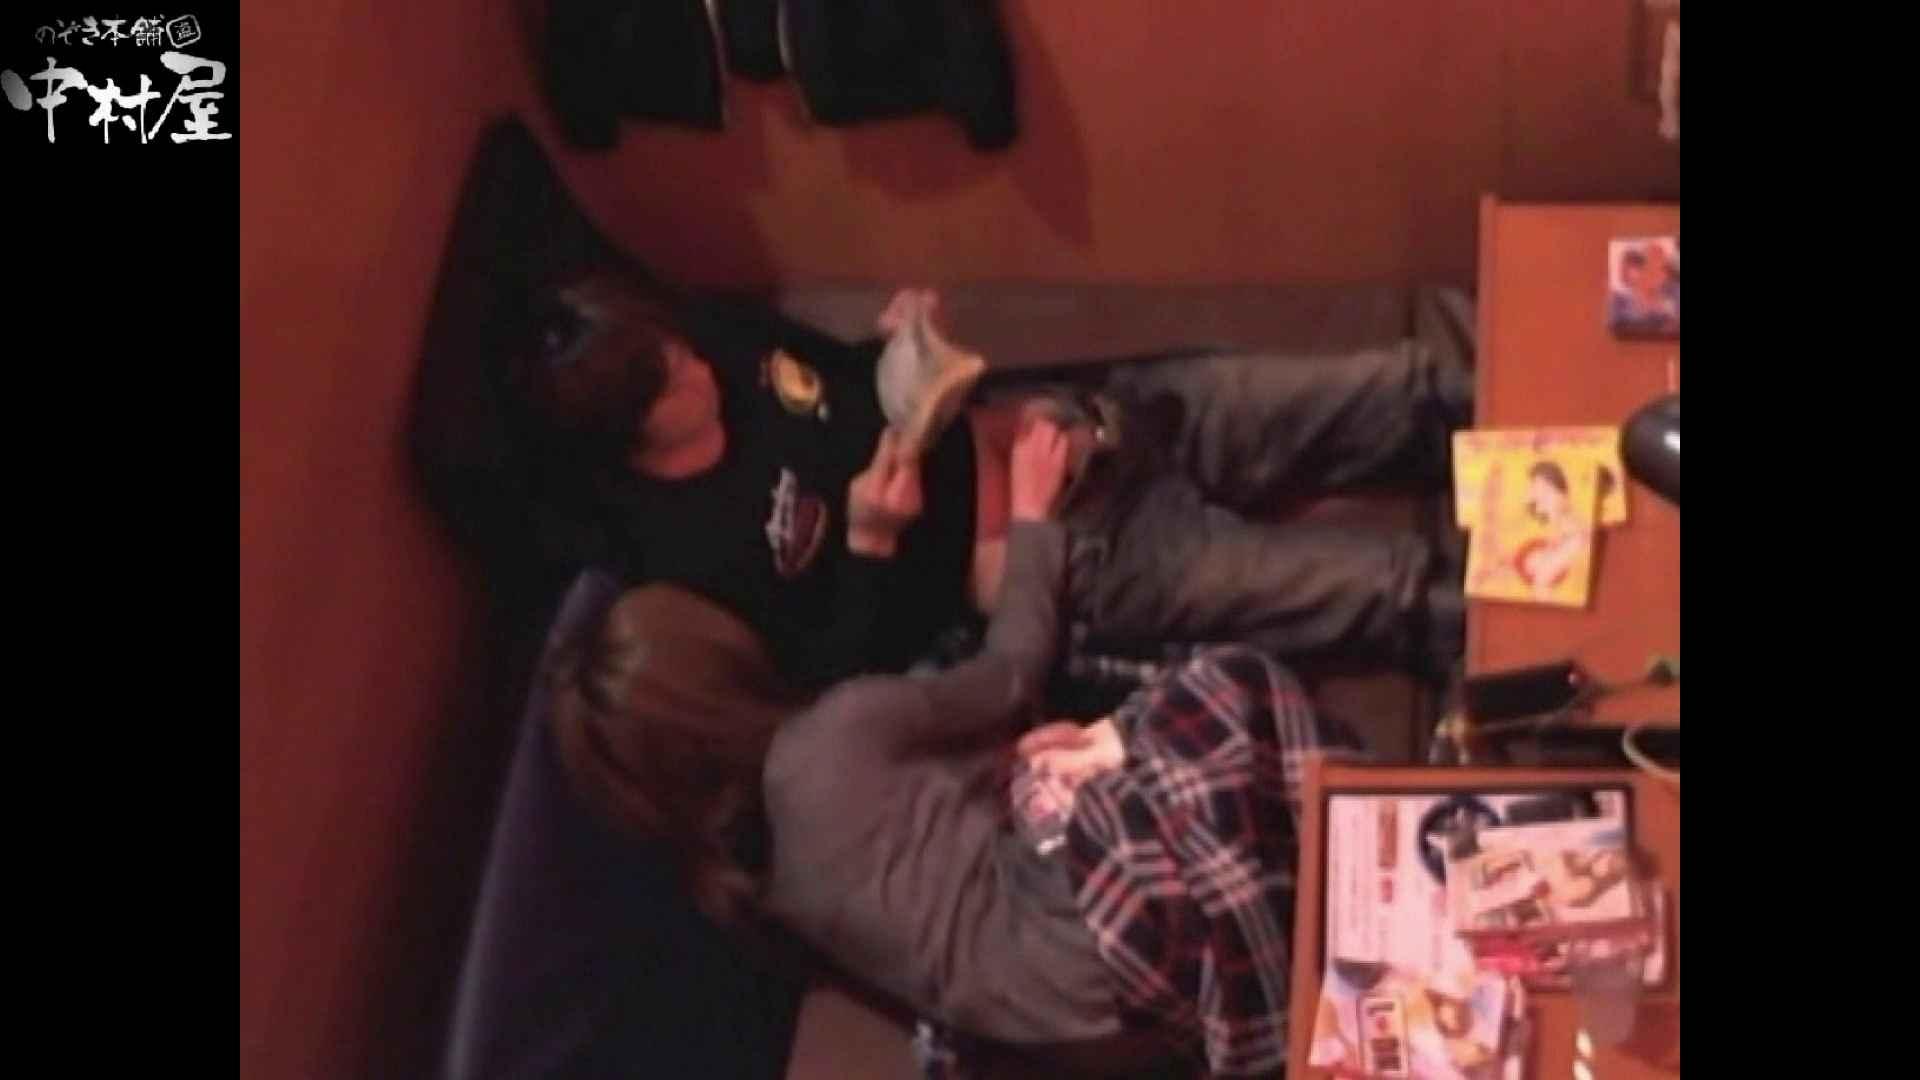 ネットカフェ盗撮師トロントさんの 素人カップル盗撮記vol.2 乳首 のぞき動画画像 70枚 27